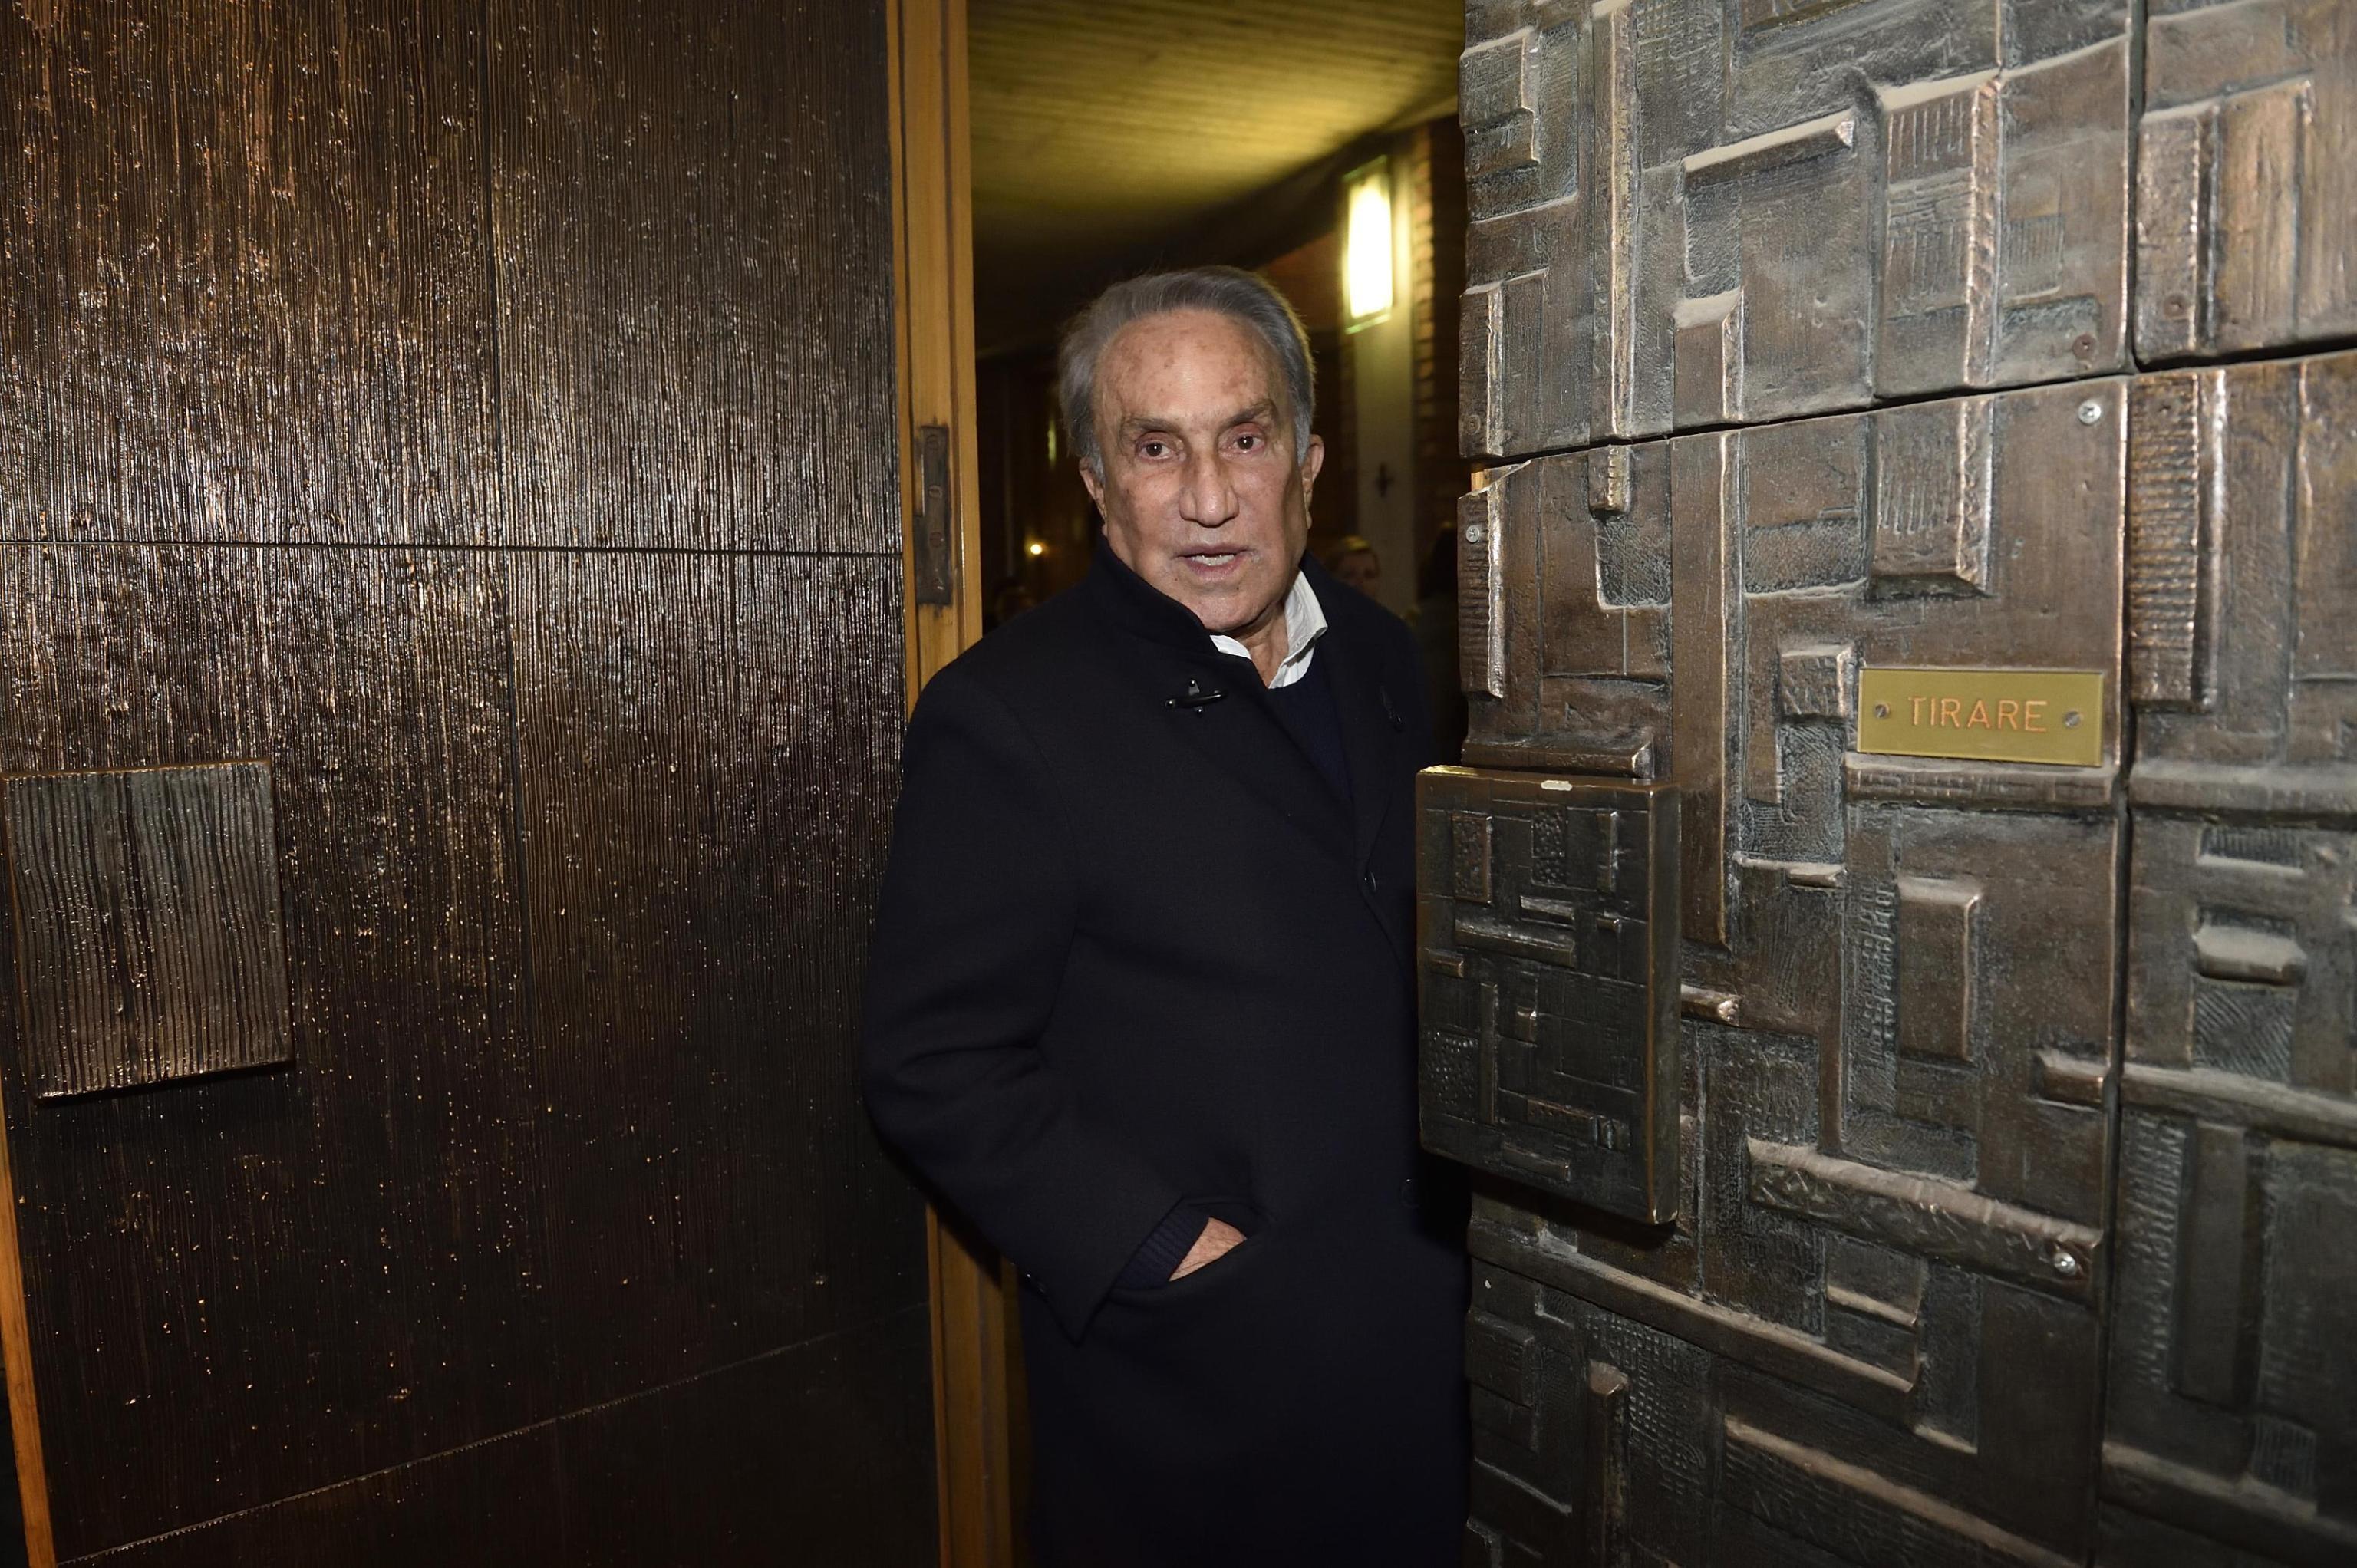 Emilio Fede: 'Molestie sessuali, non capisco il piagnisteo: con una donna non prendo più neanche l'ascensore'